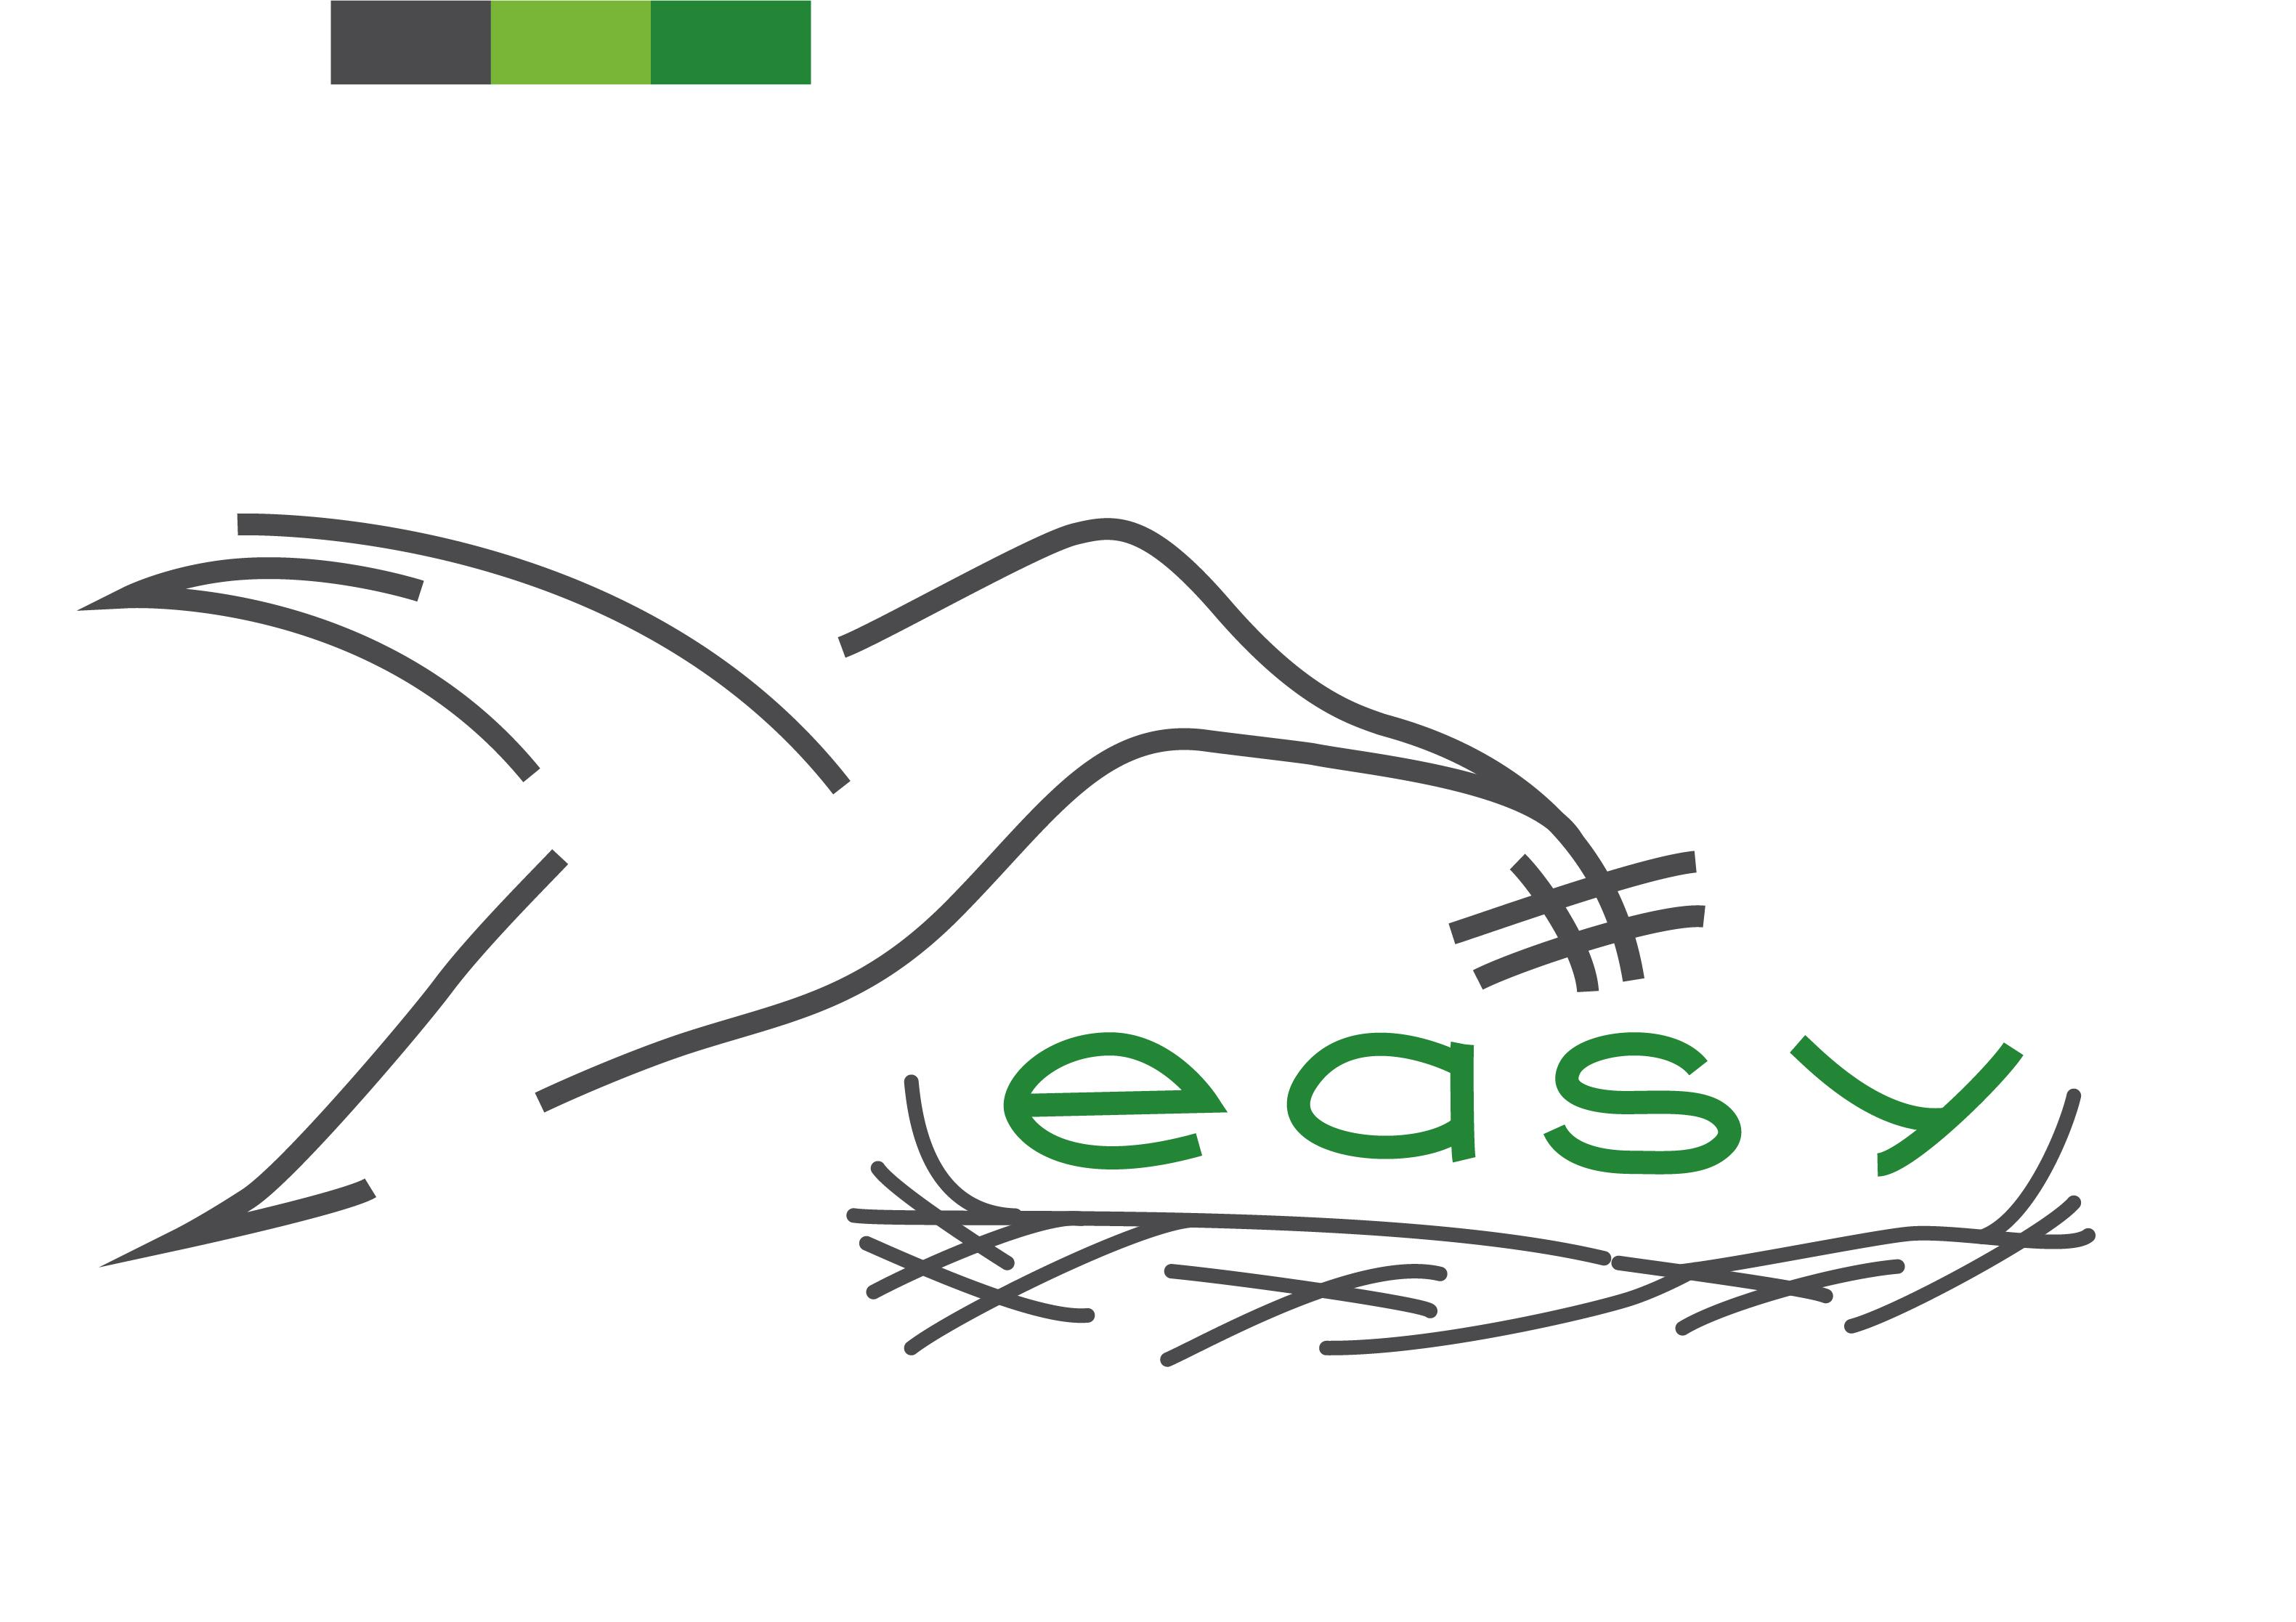 Разработка логотипа в виде хэштега #easy с зеленой колибри  фото f_8395d518e5d19e41.jpg